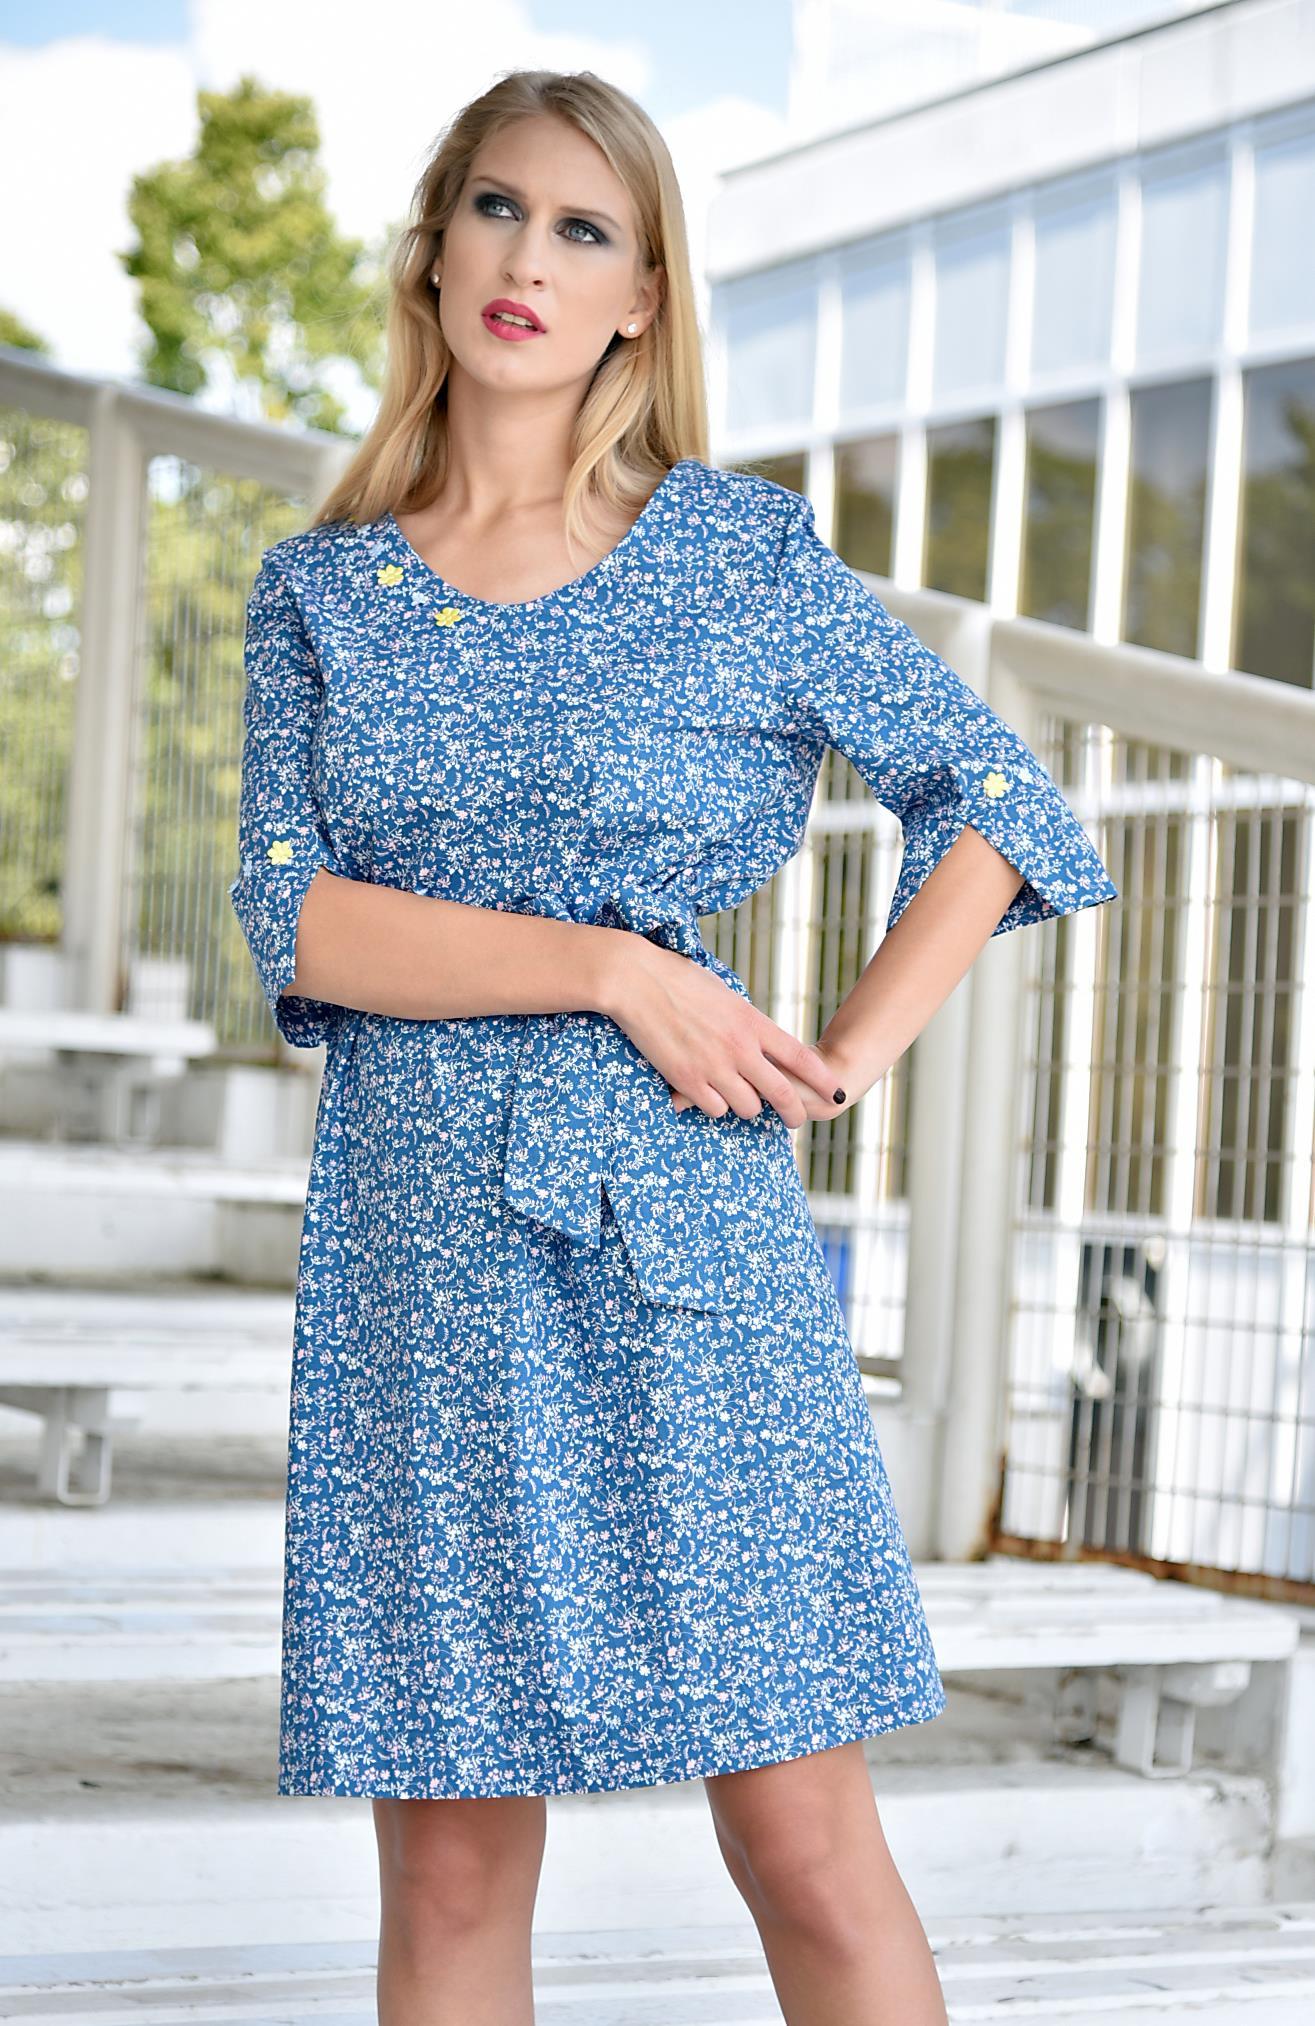 Fotografie pro model – Modré šaty sdrobnými květy